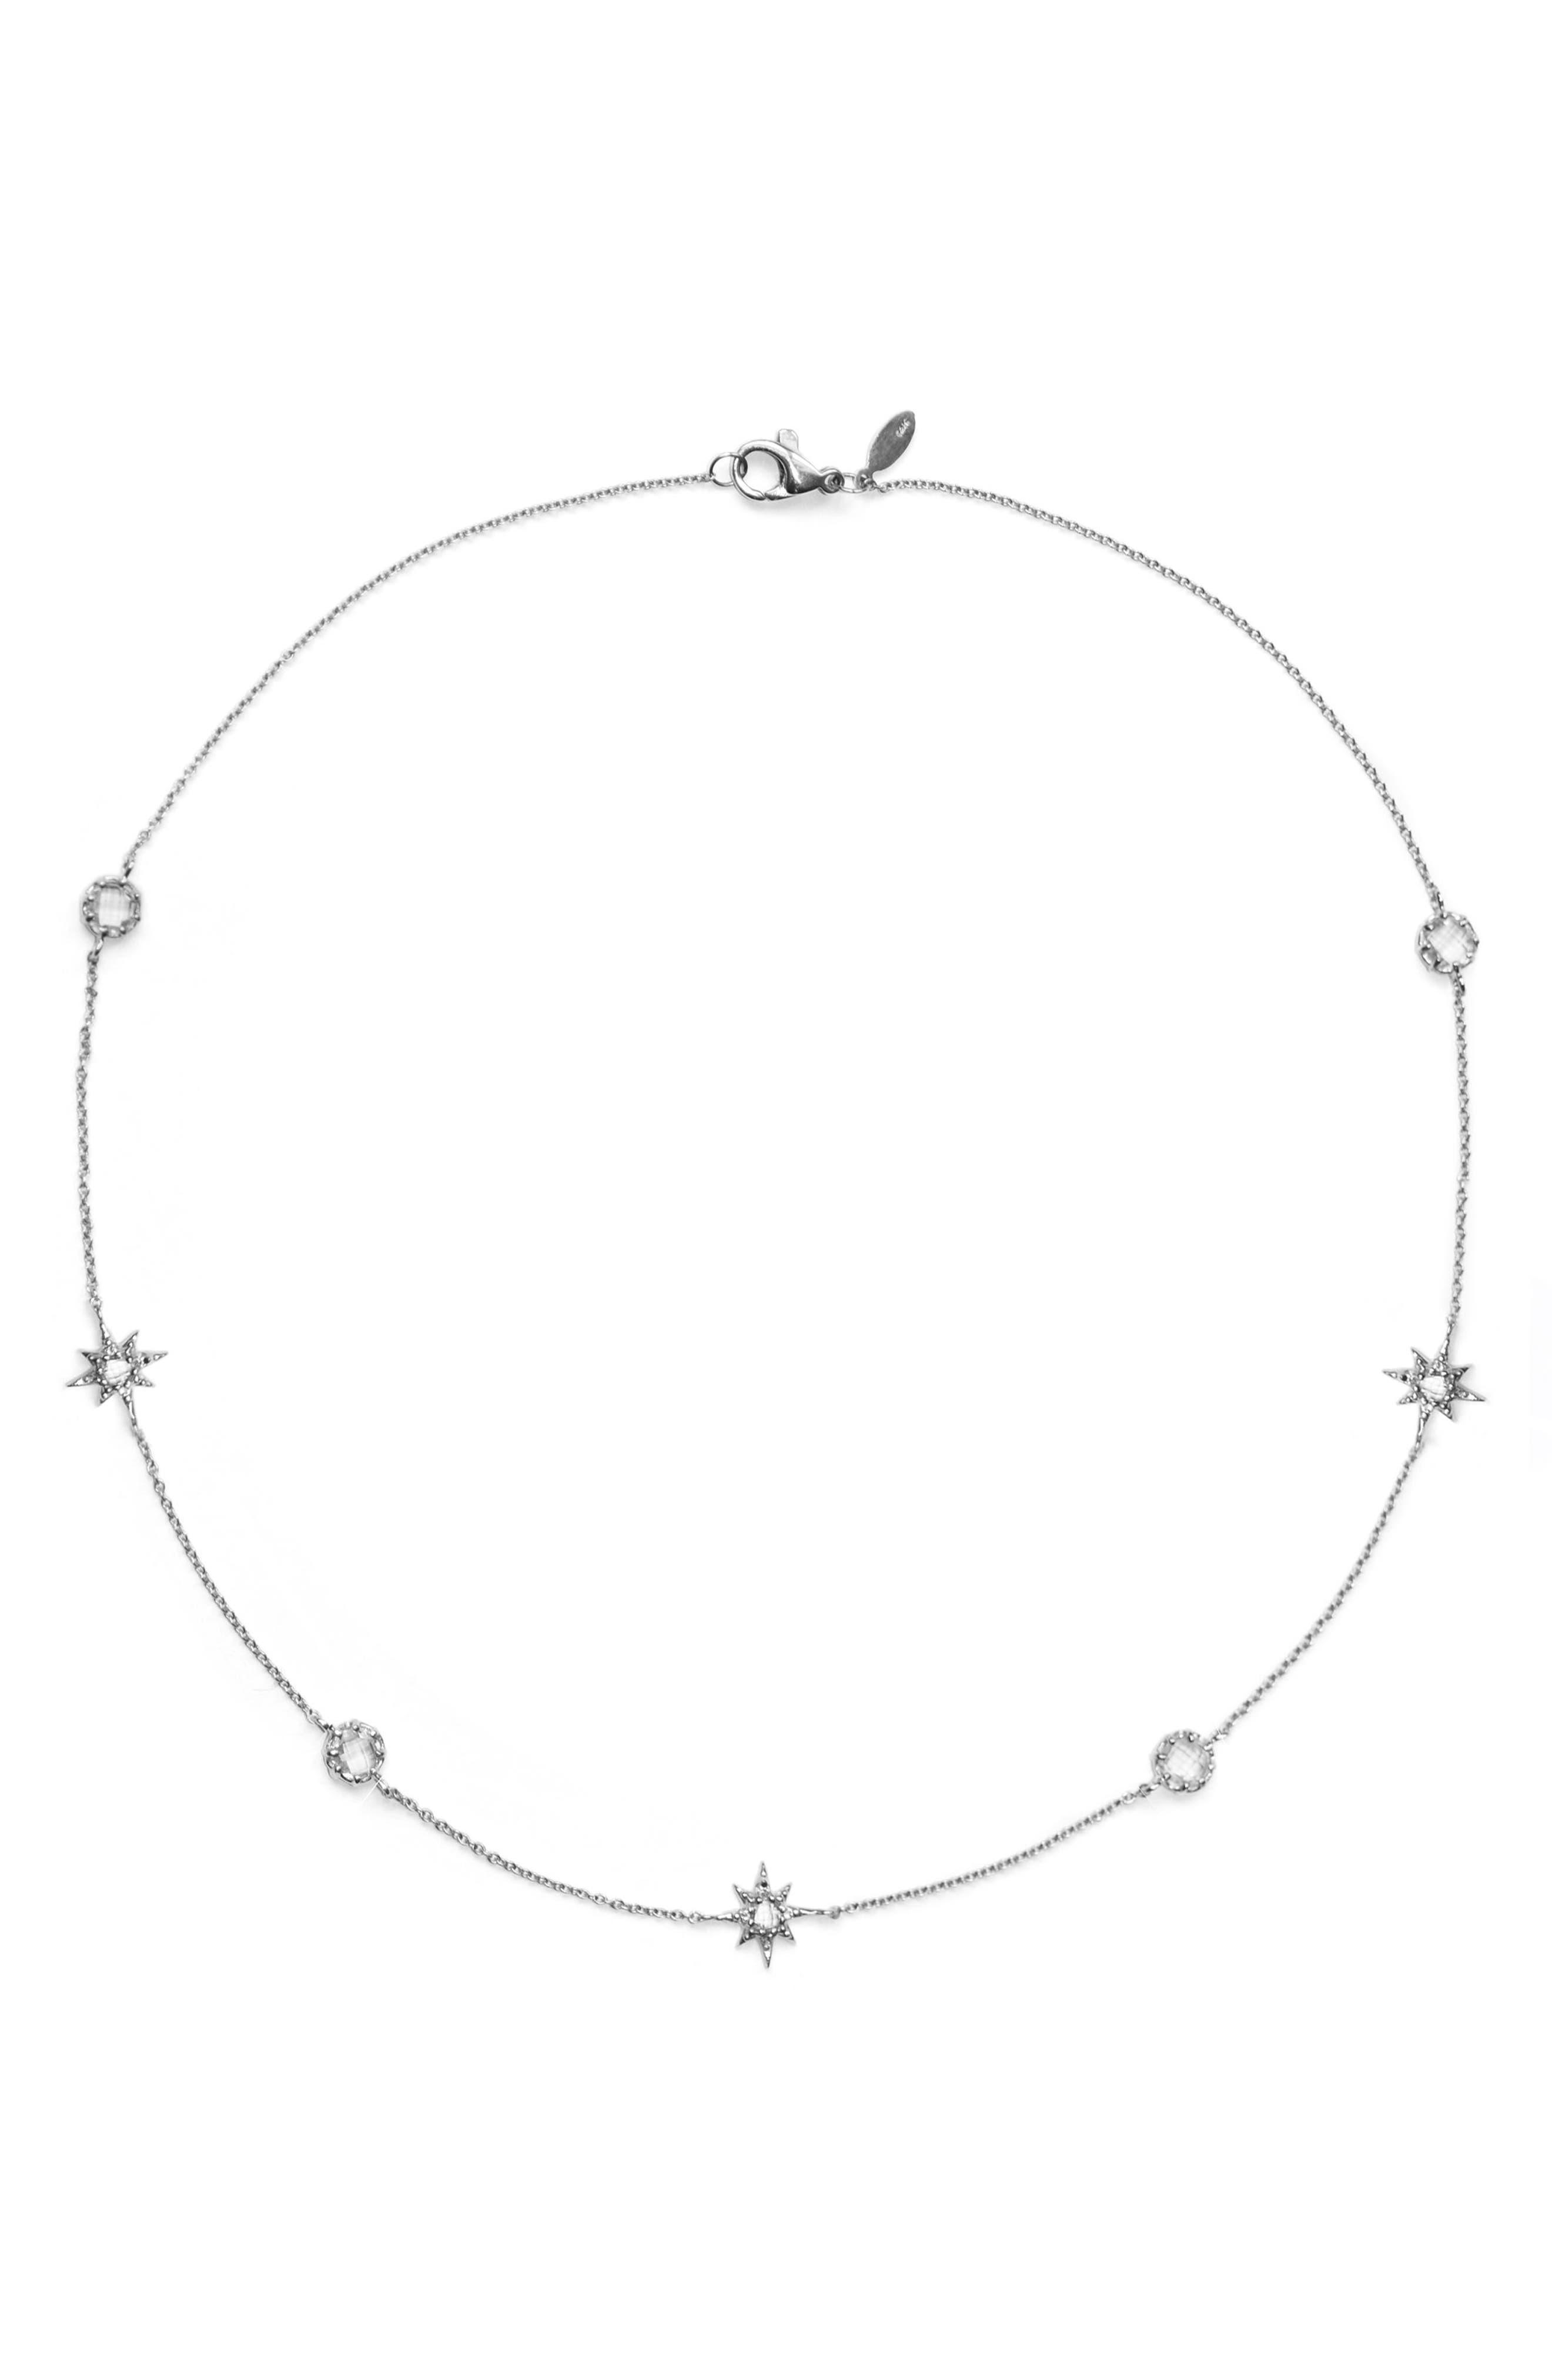 Starburst White Topaz Charm Necklace